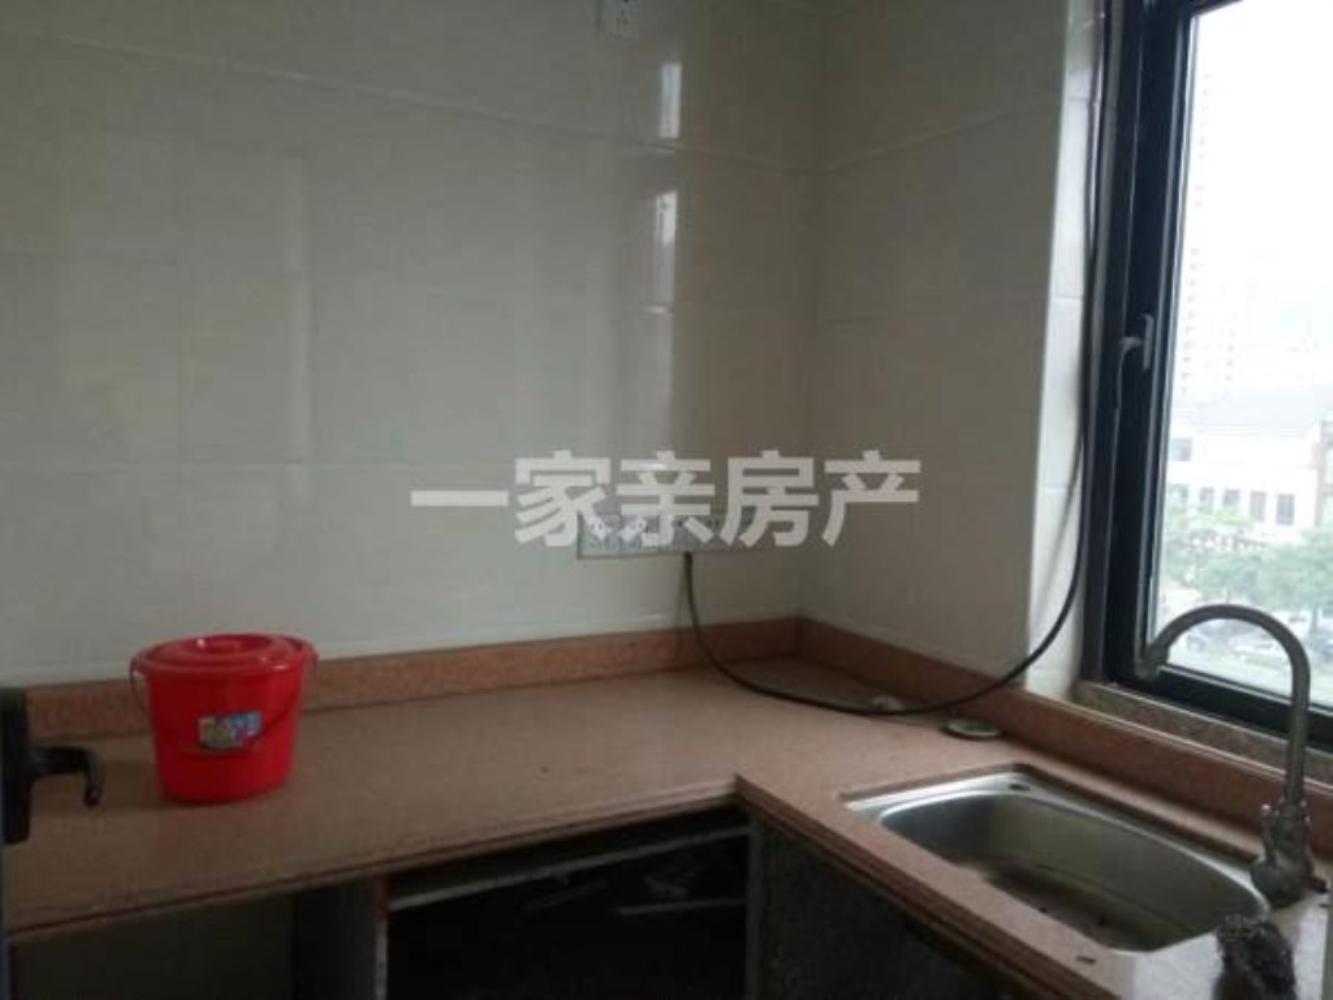 宝龙城市广场精装1室0厅1卫43.8万元